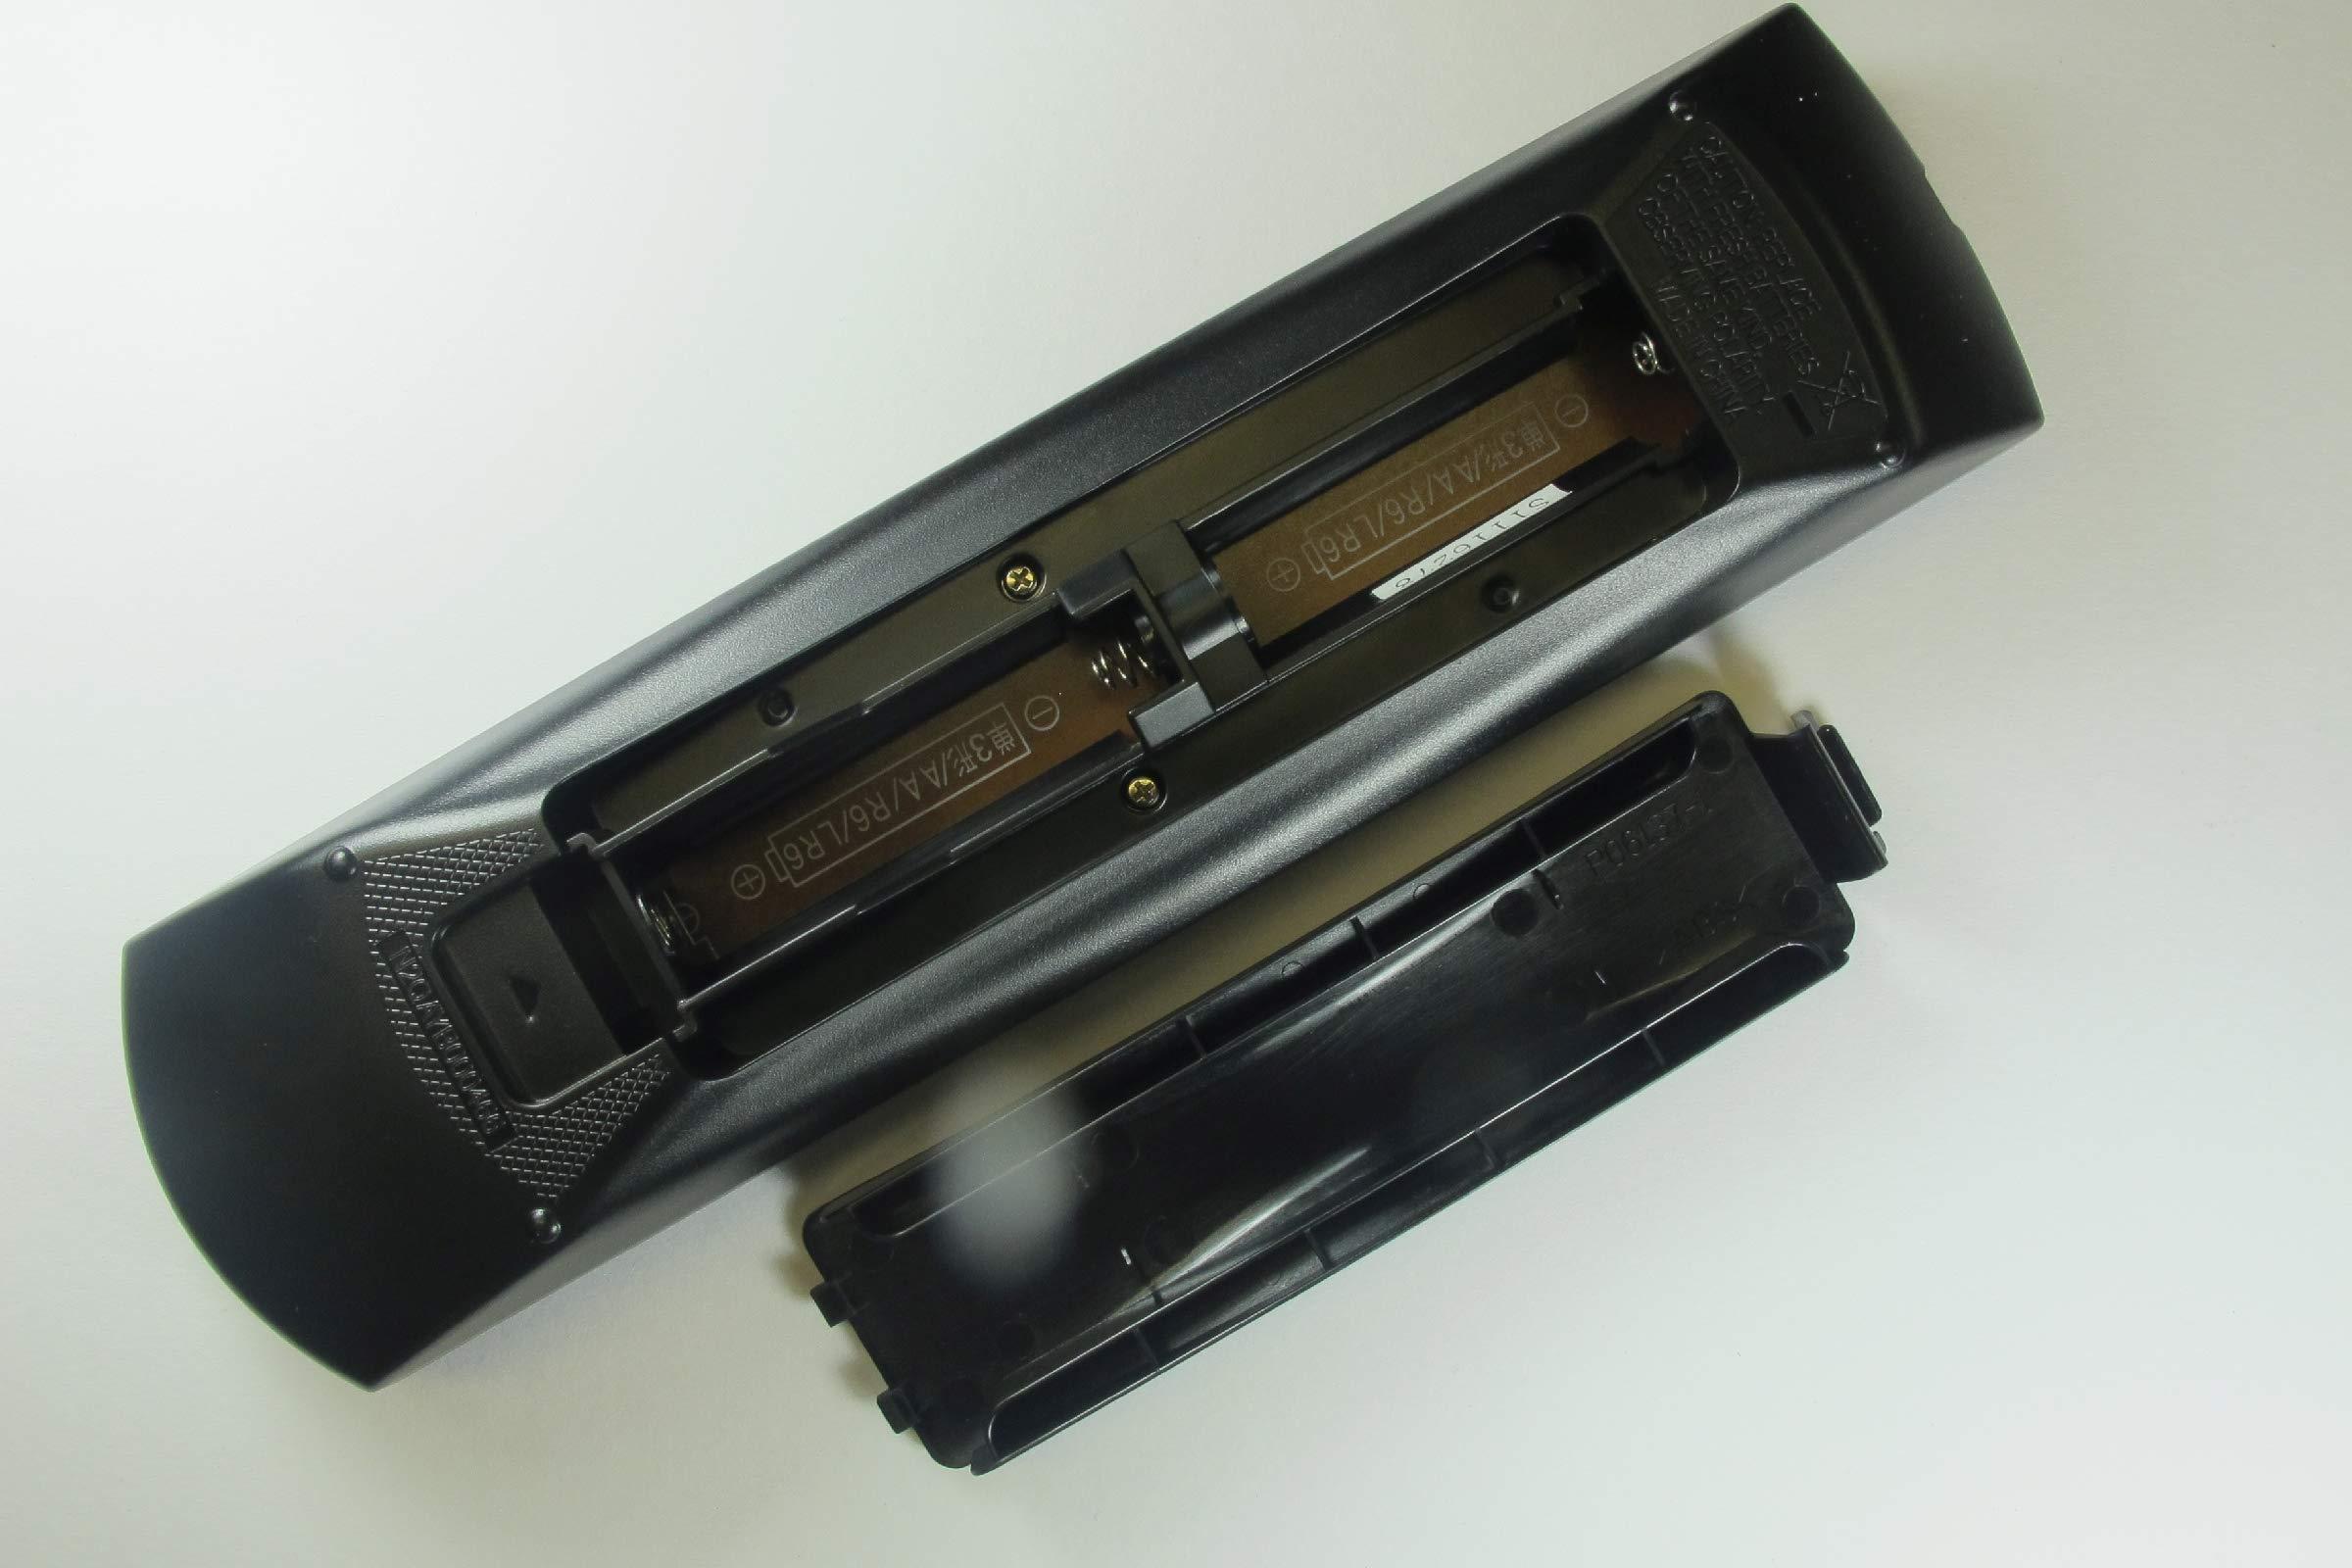 71fAD6n7ppL - Panasonic DMR-EZ49VEBK Genuine DVD Recorder Remote Control N2QAYB000466